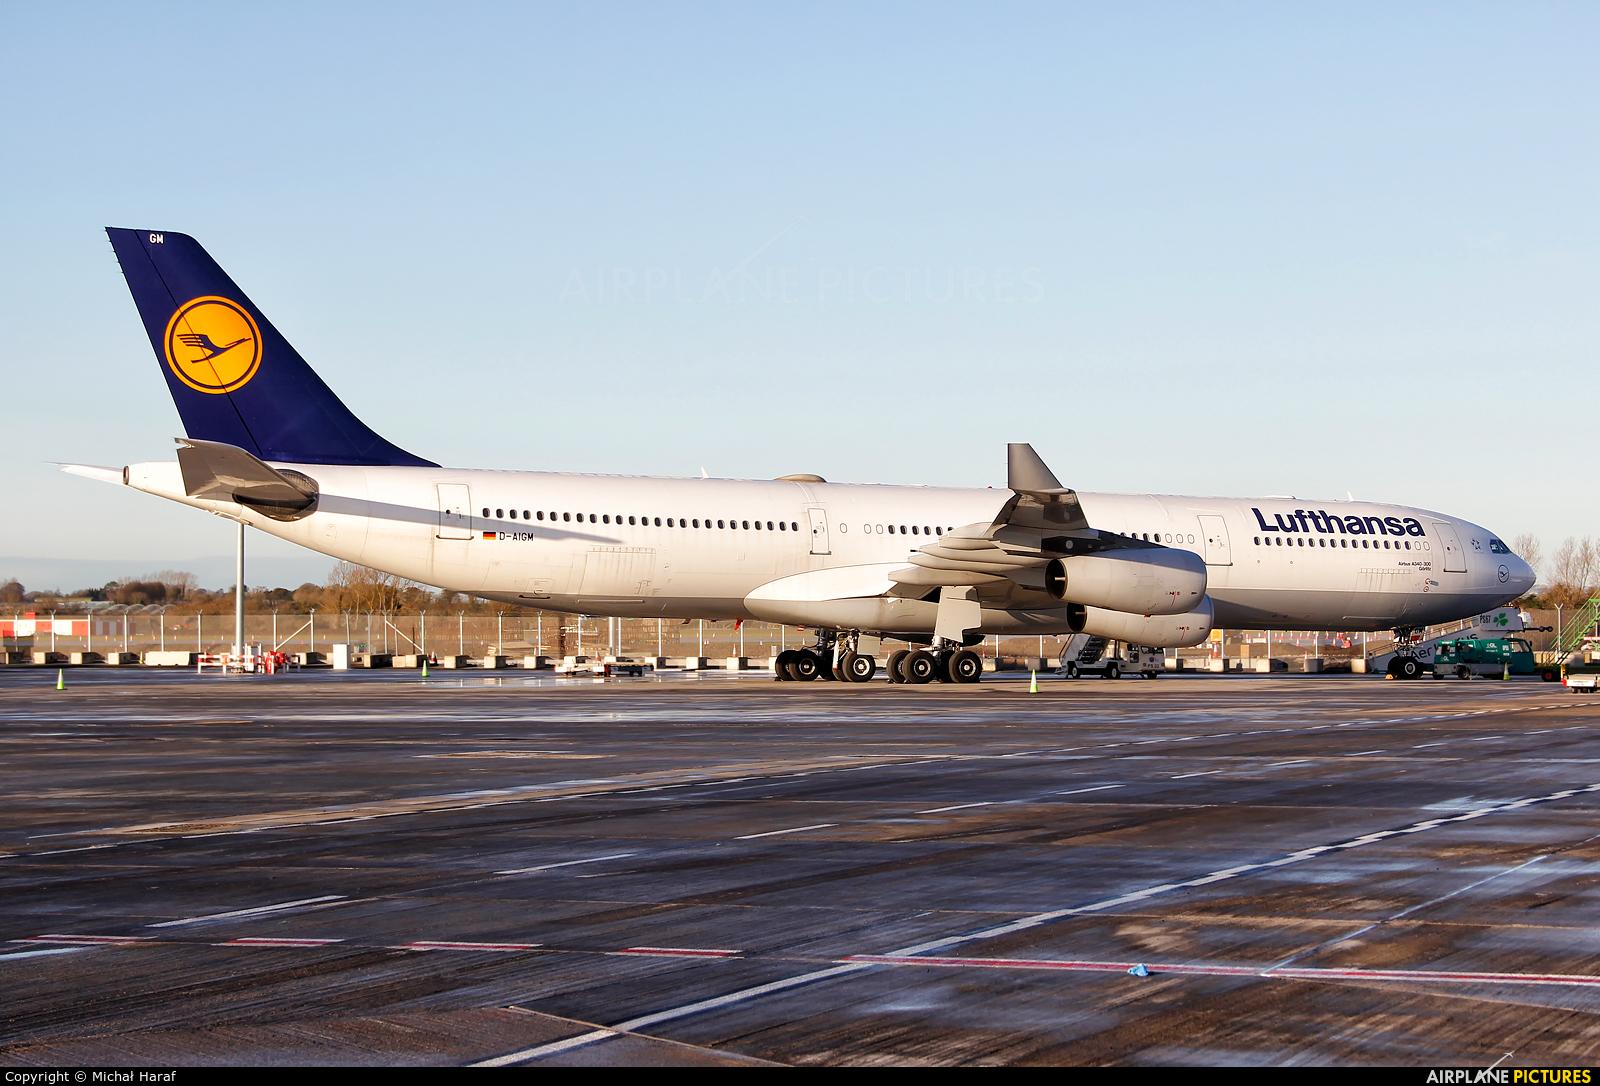 Lufthansa D-AIGM aircraft at Dublin